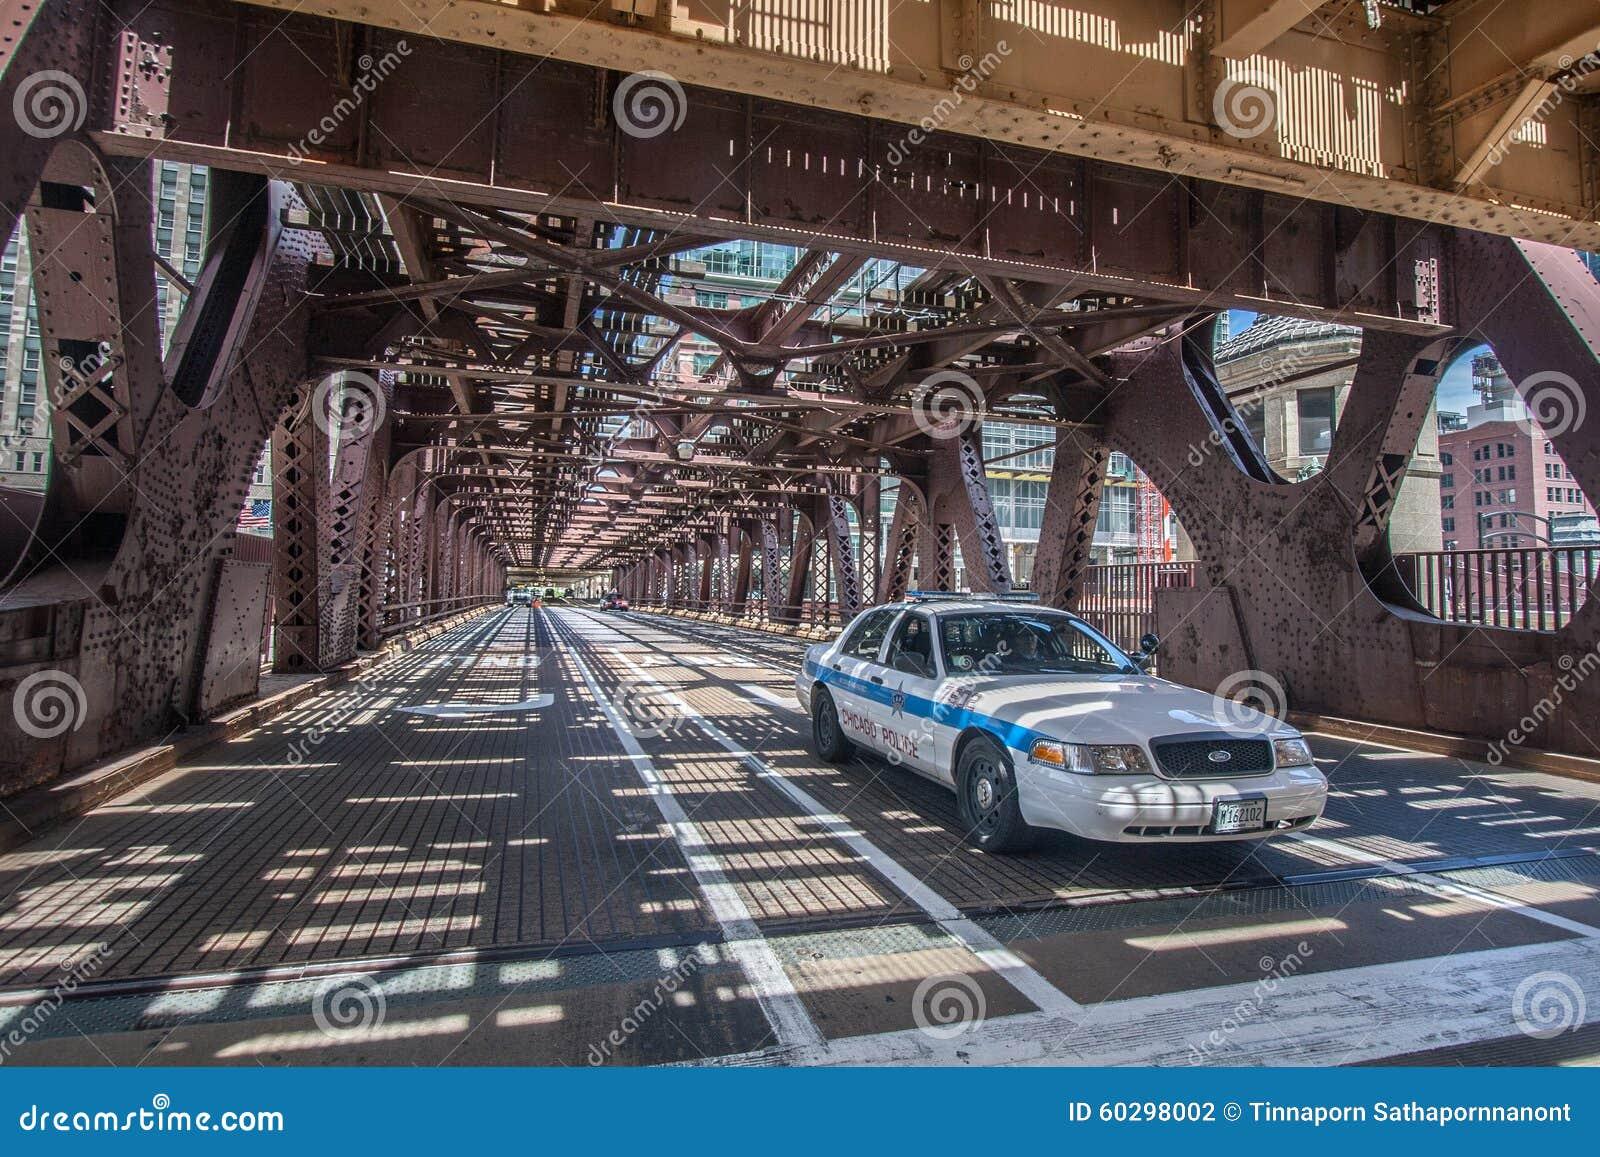 芝加哥警车